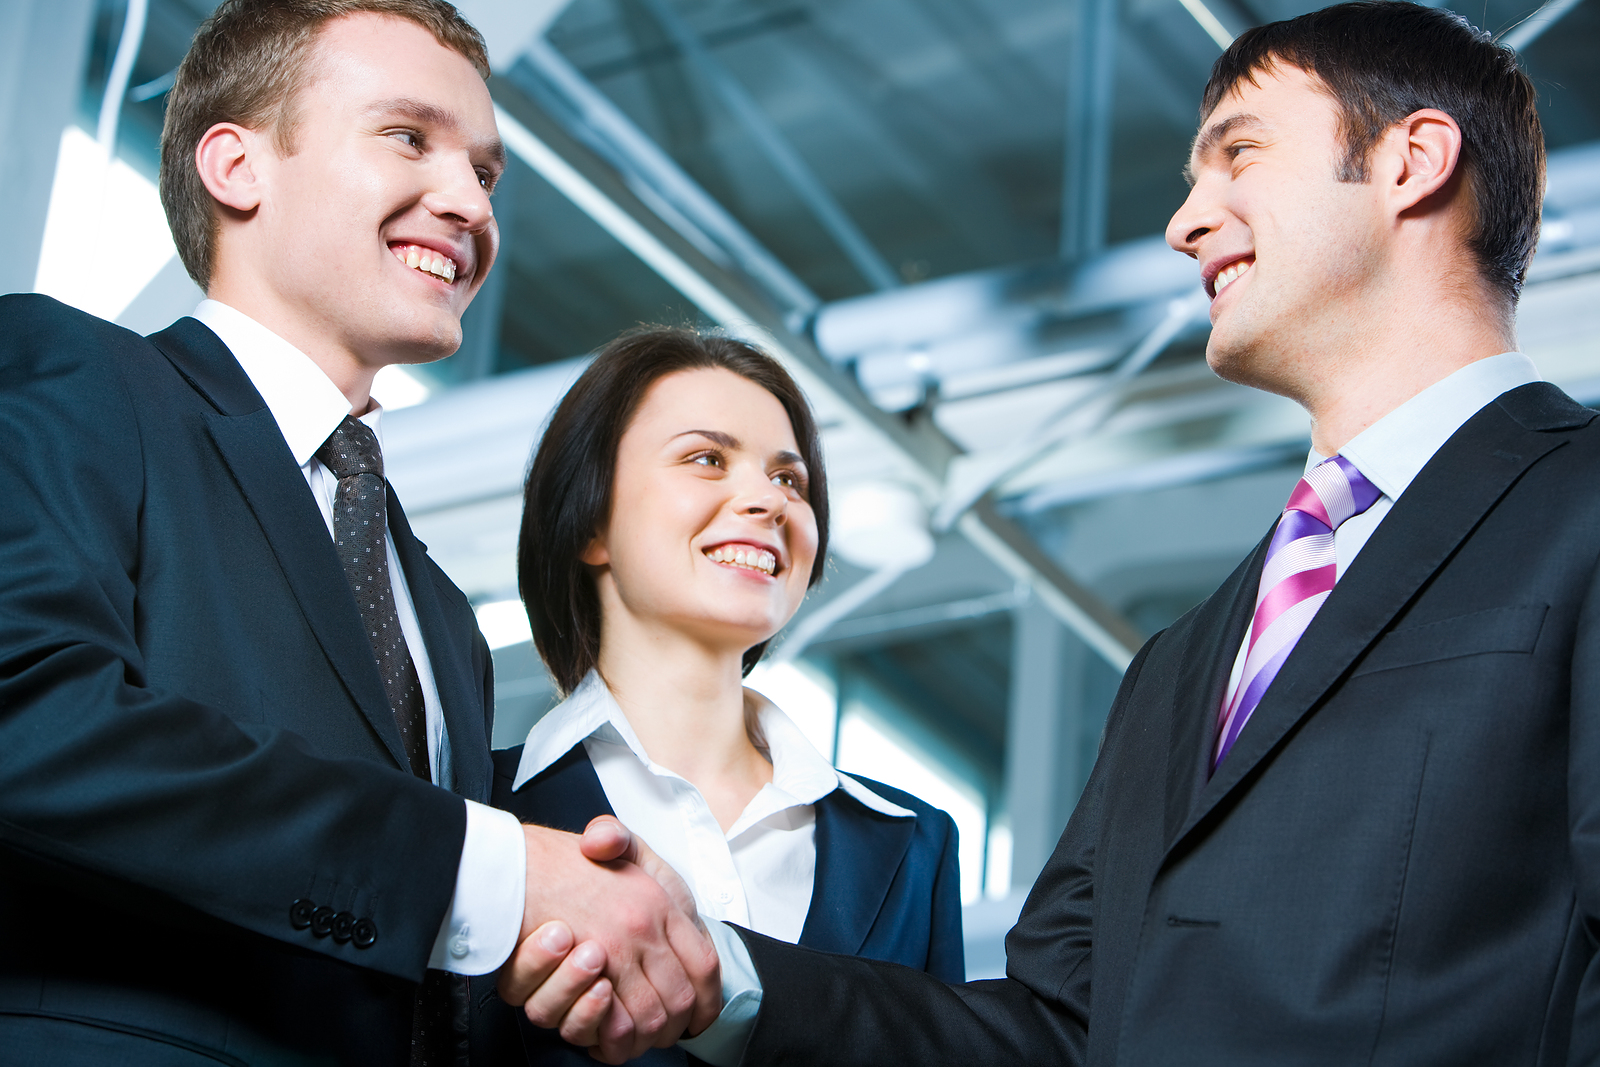 handshake_networking_Great_Bargain_2852589.jpg